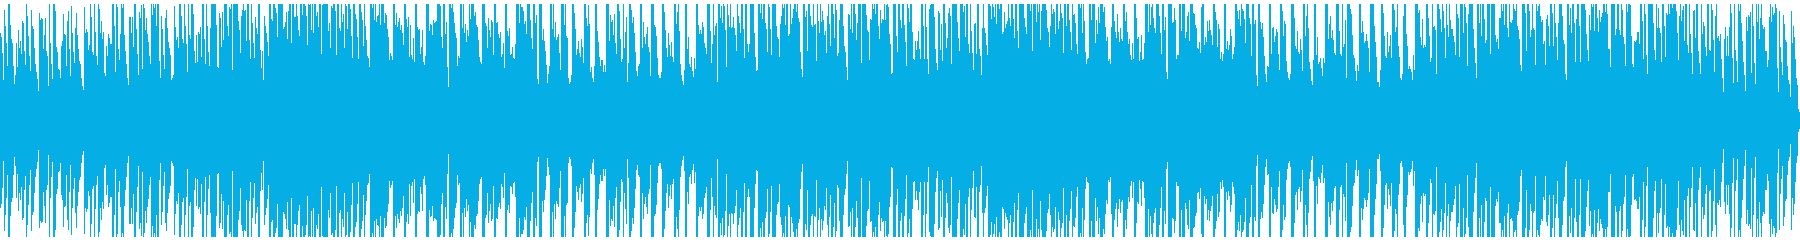 電子でファッションな曲の再生済みの波形